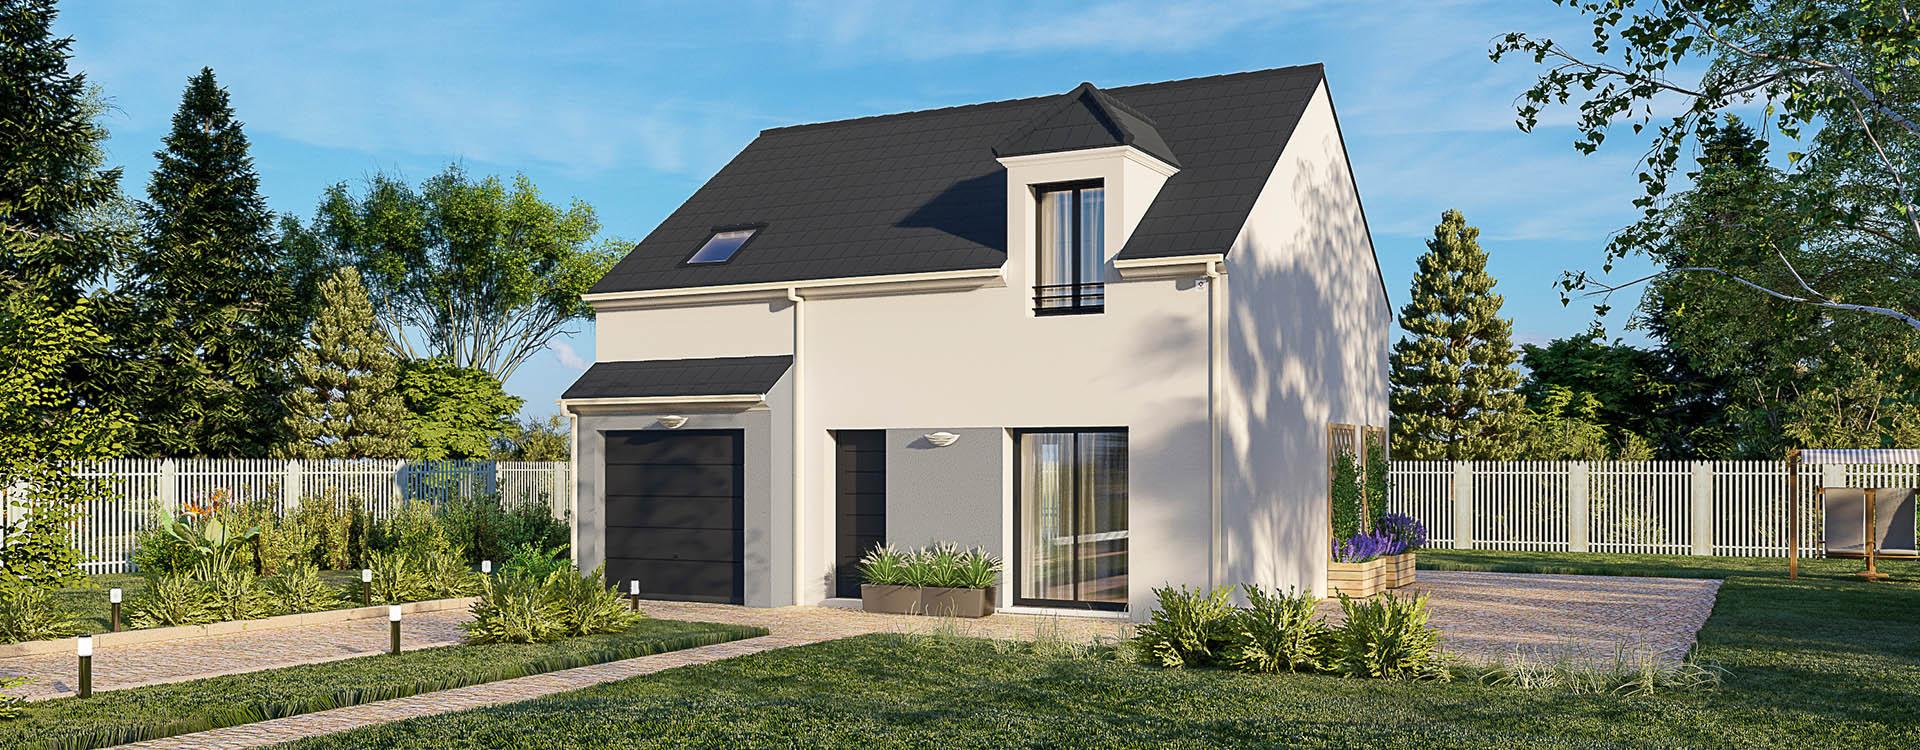 Maisons du constructeur MAISONS PIERRE MONTEVRAIN • 86 m² • TORCY